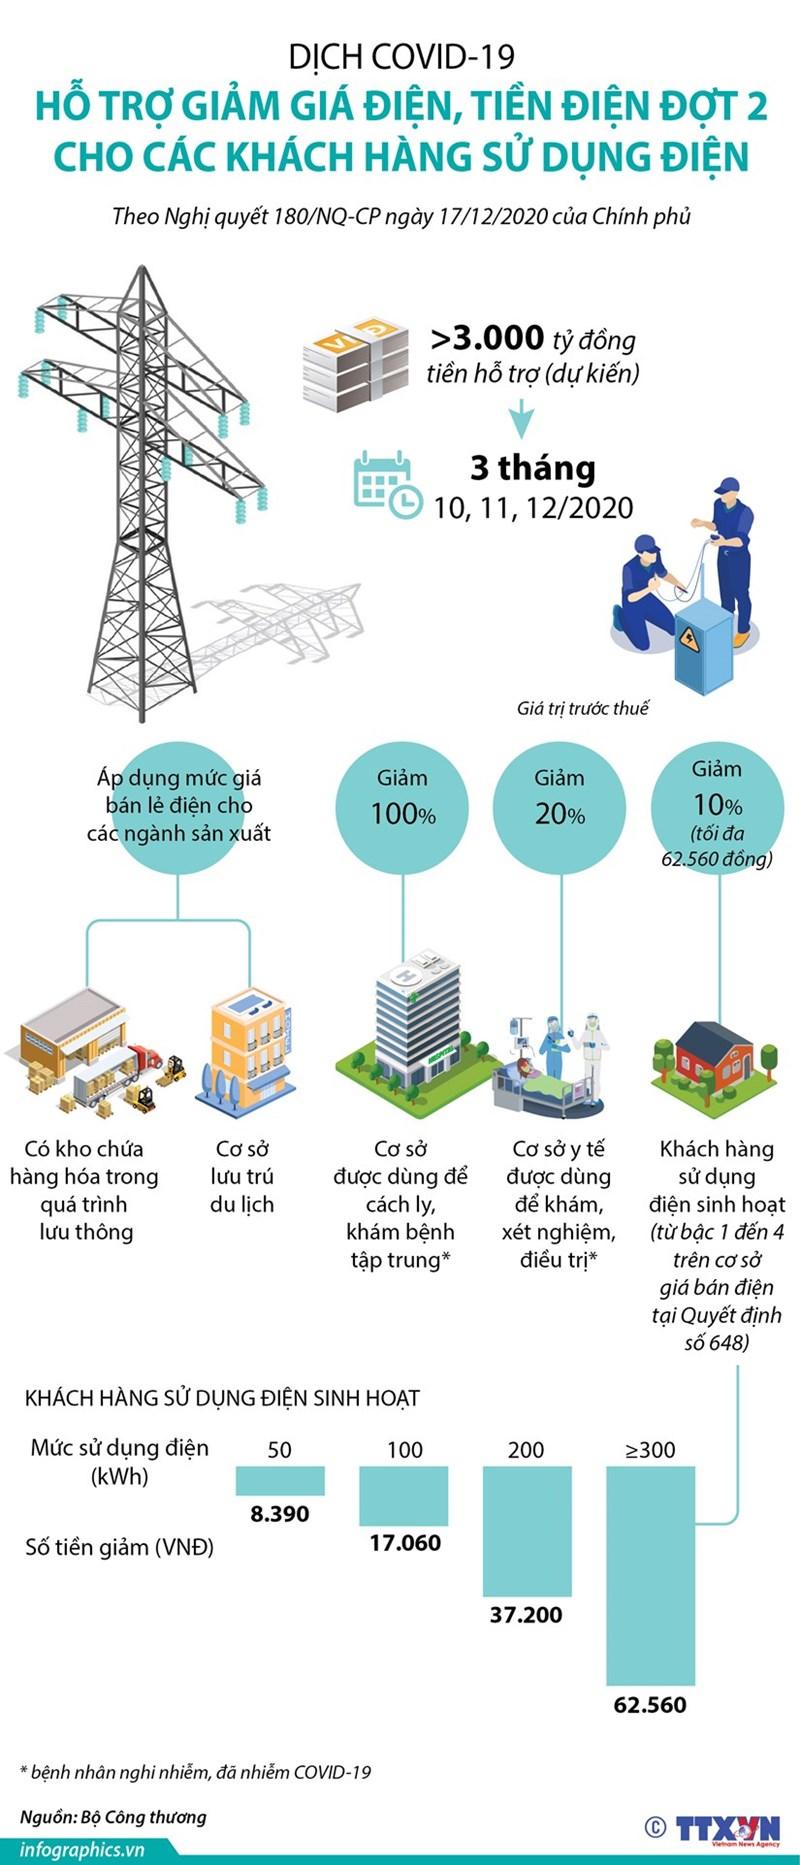 [Infographics] Hỗ trợ giảm giá điện, tiền điện đợt 2 cho các khách hàng sử dụng điện - Ảnh 1